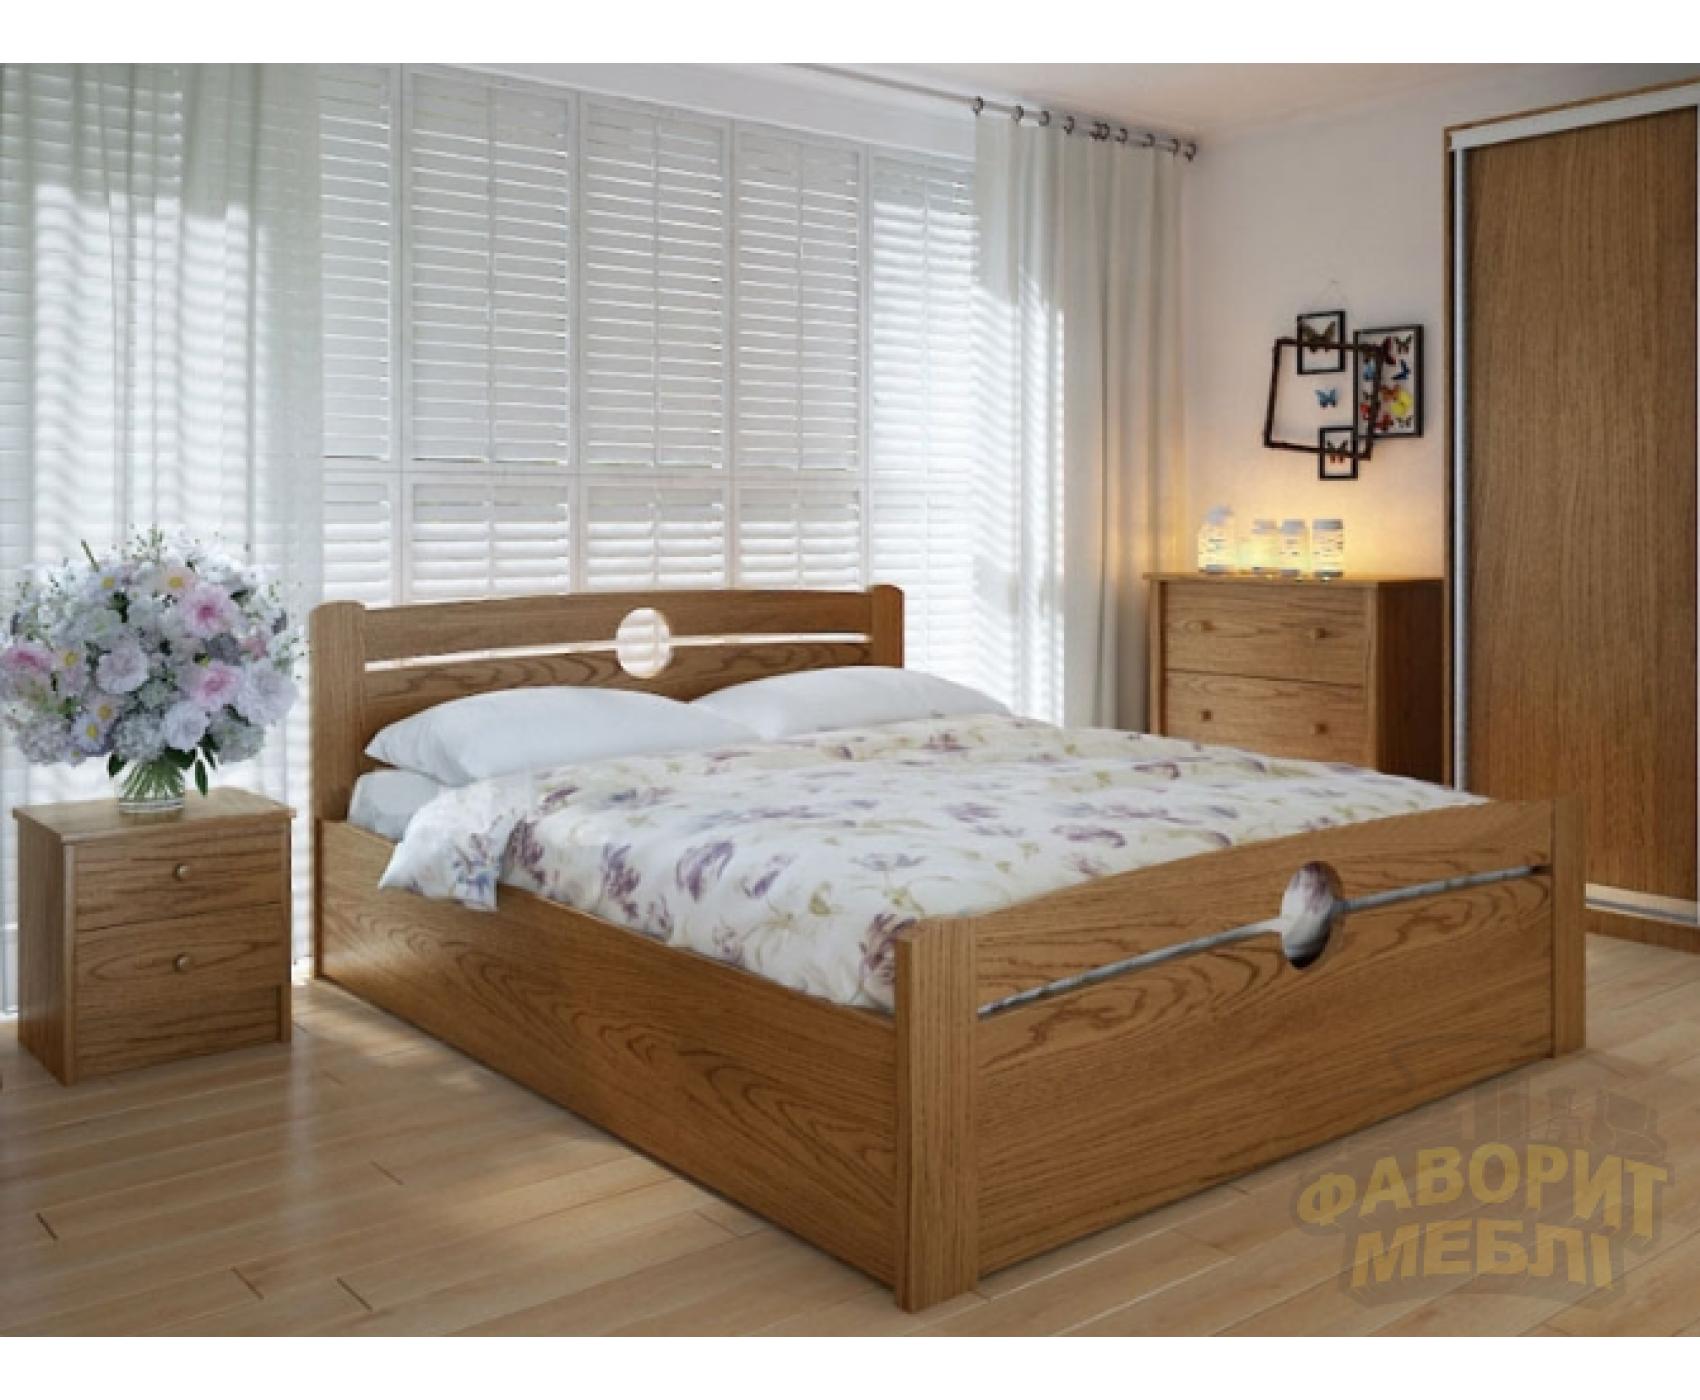 """Двуспальная деревянная кровать """"Авила"""" 160*200 с подъемным механизмом Meblikoff"""